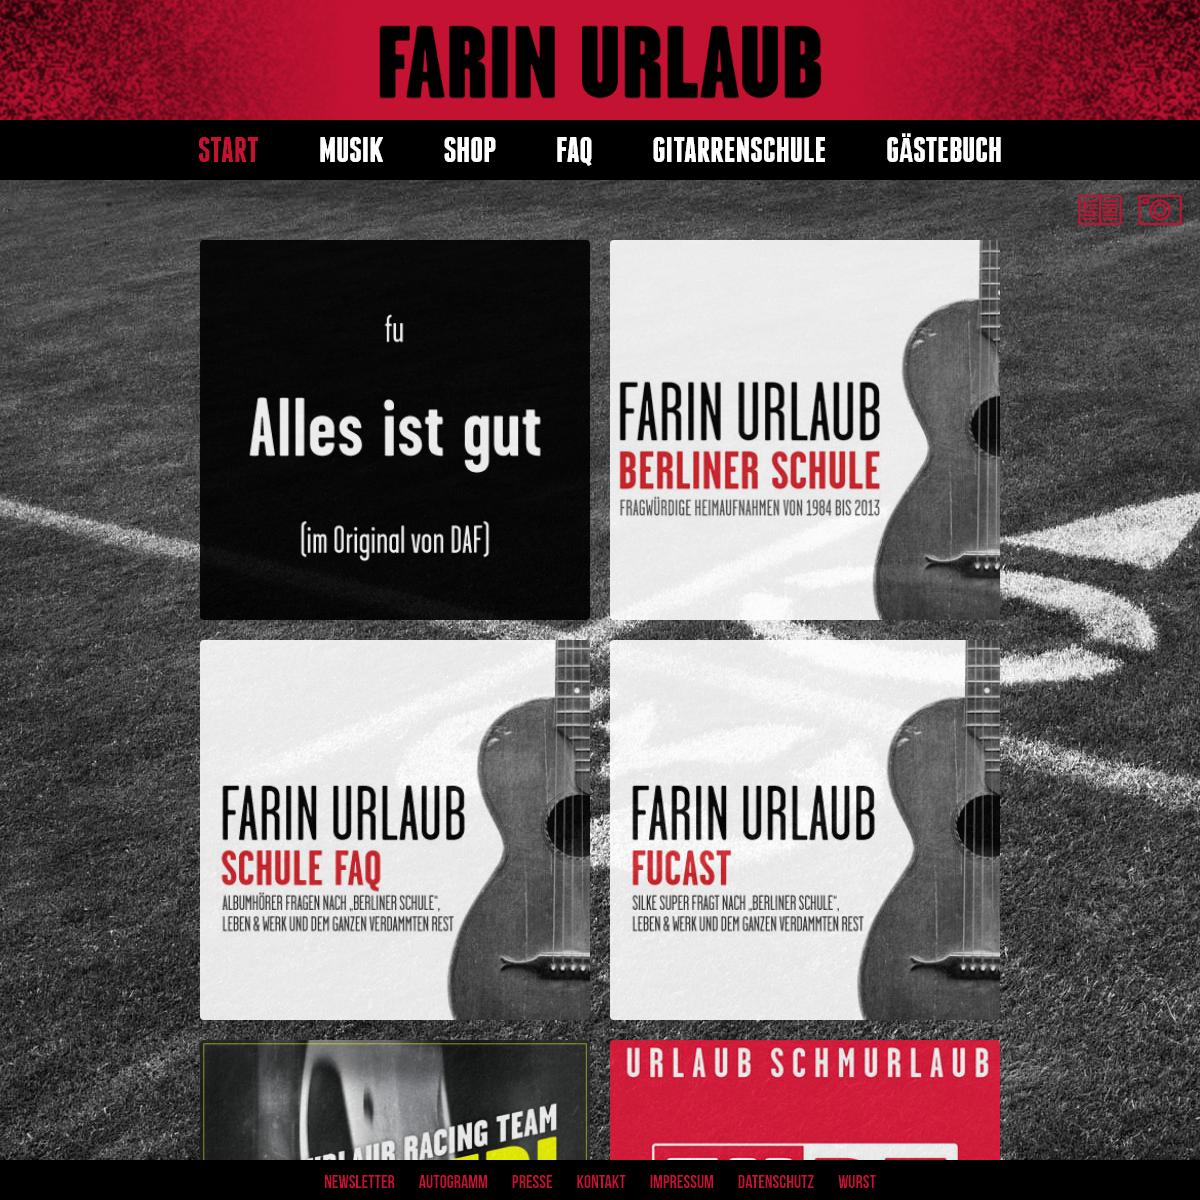 A complete backup of farin-urlaub.de